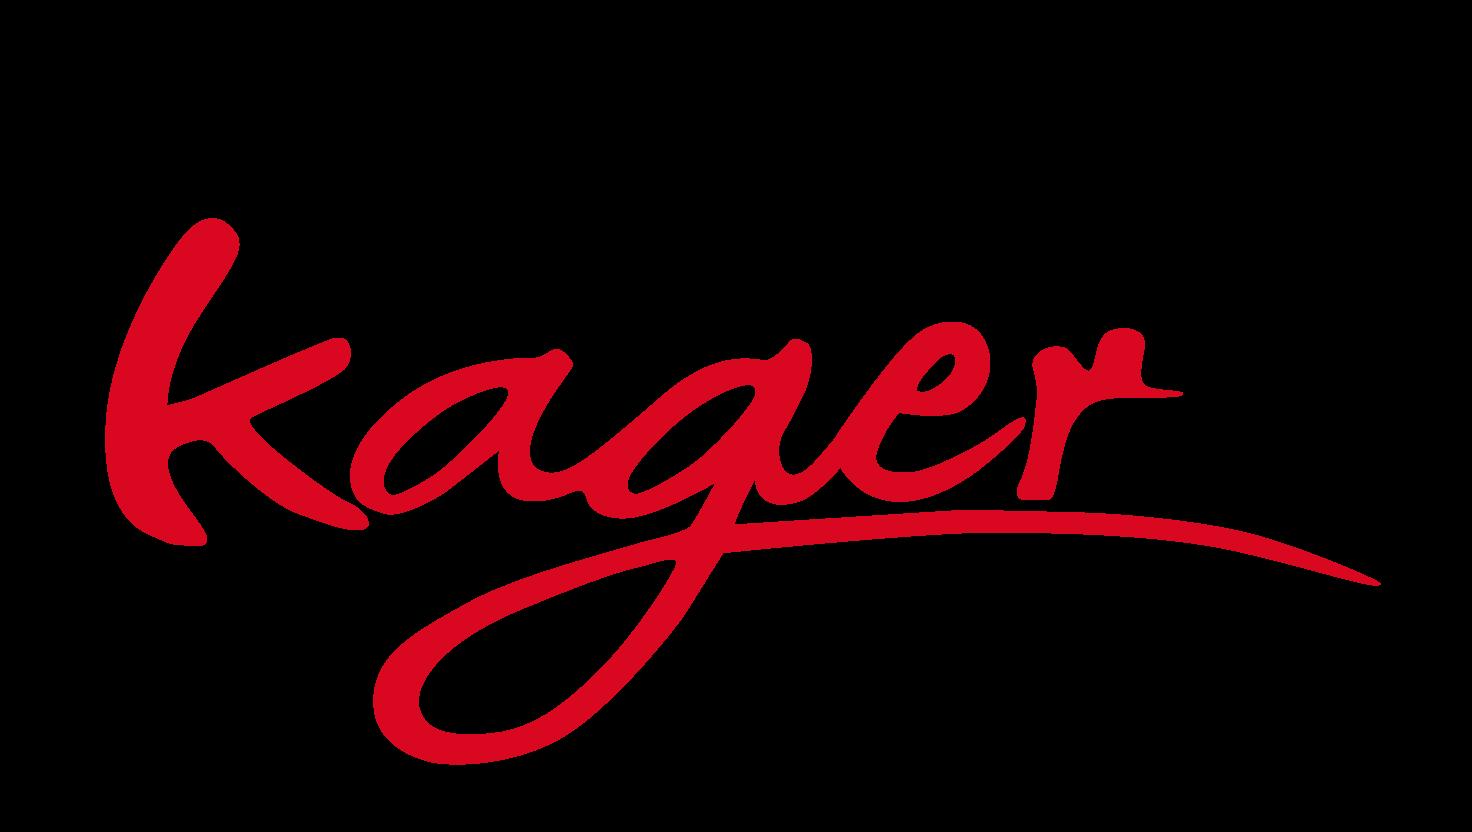 Logo Kager